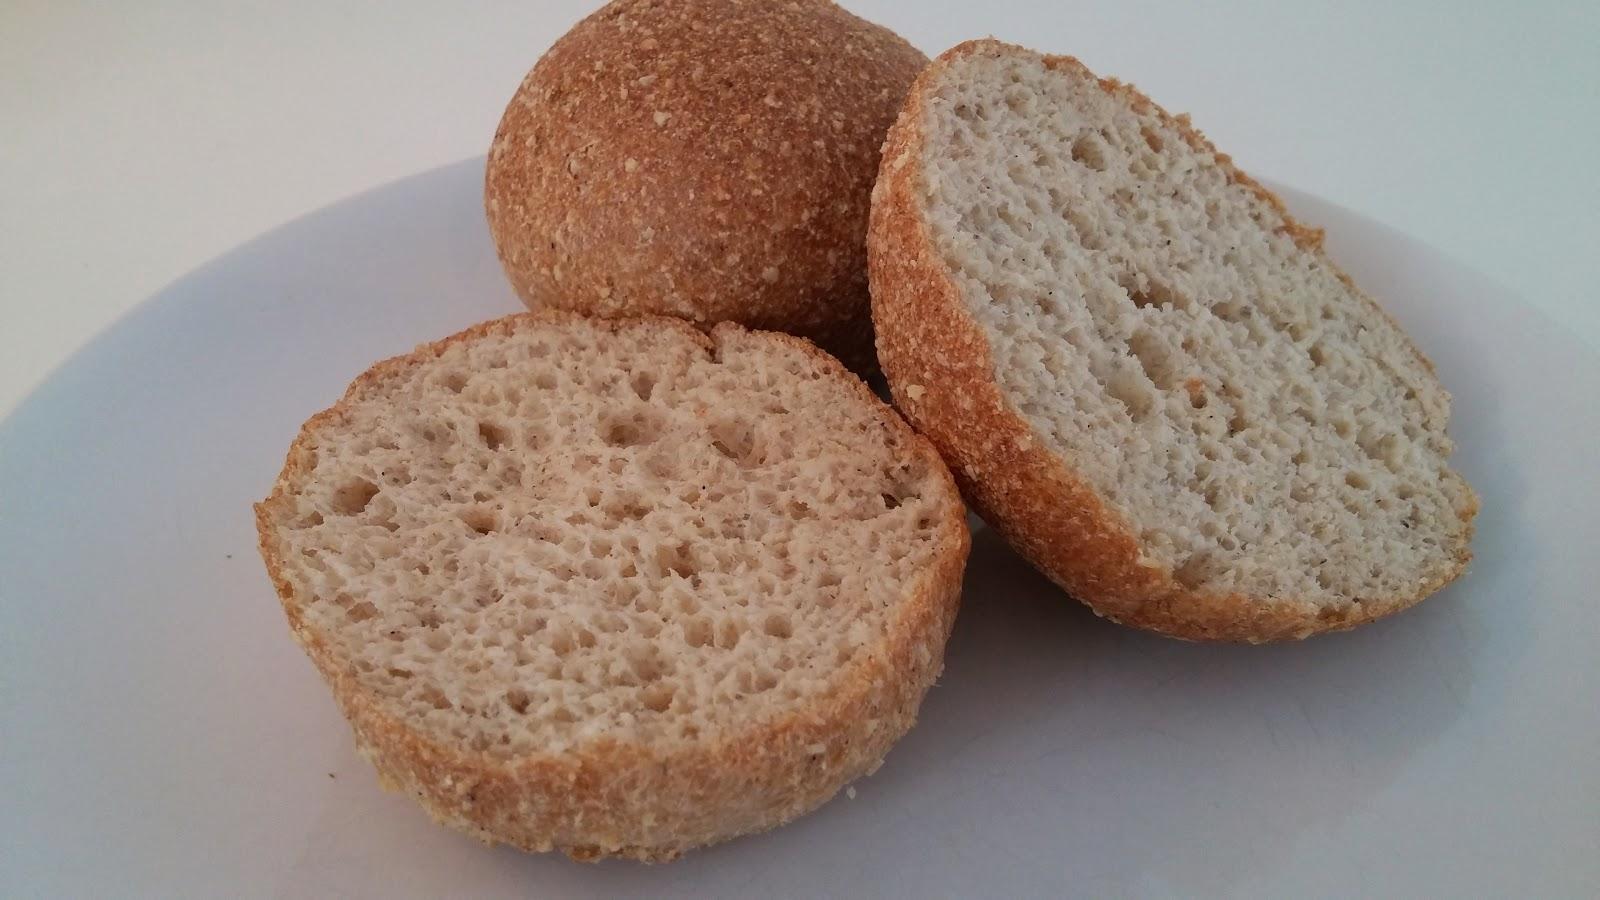 the bröd lchf